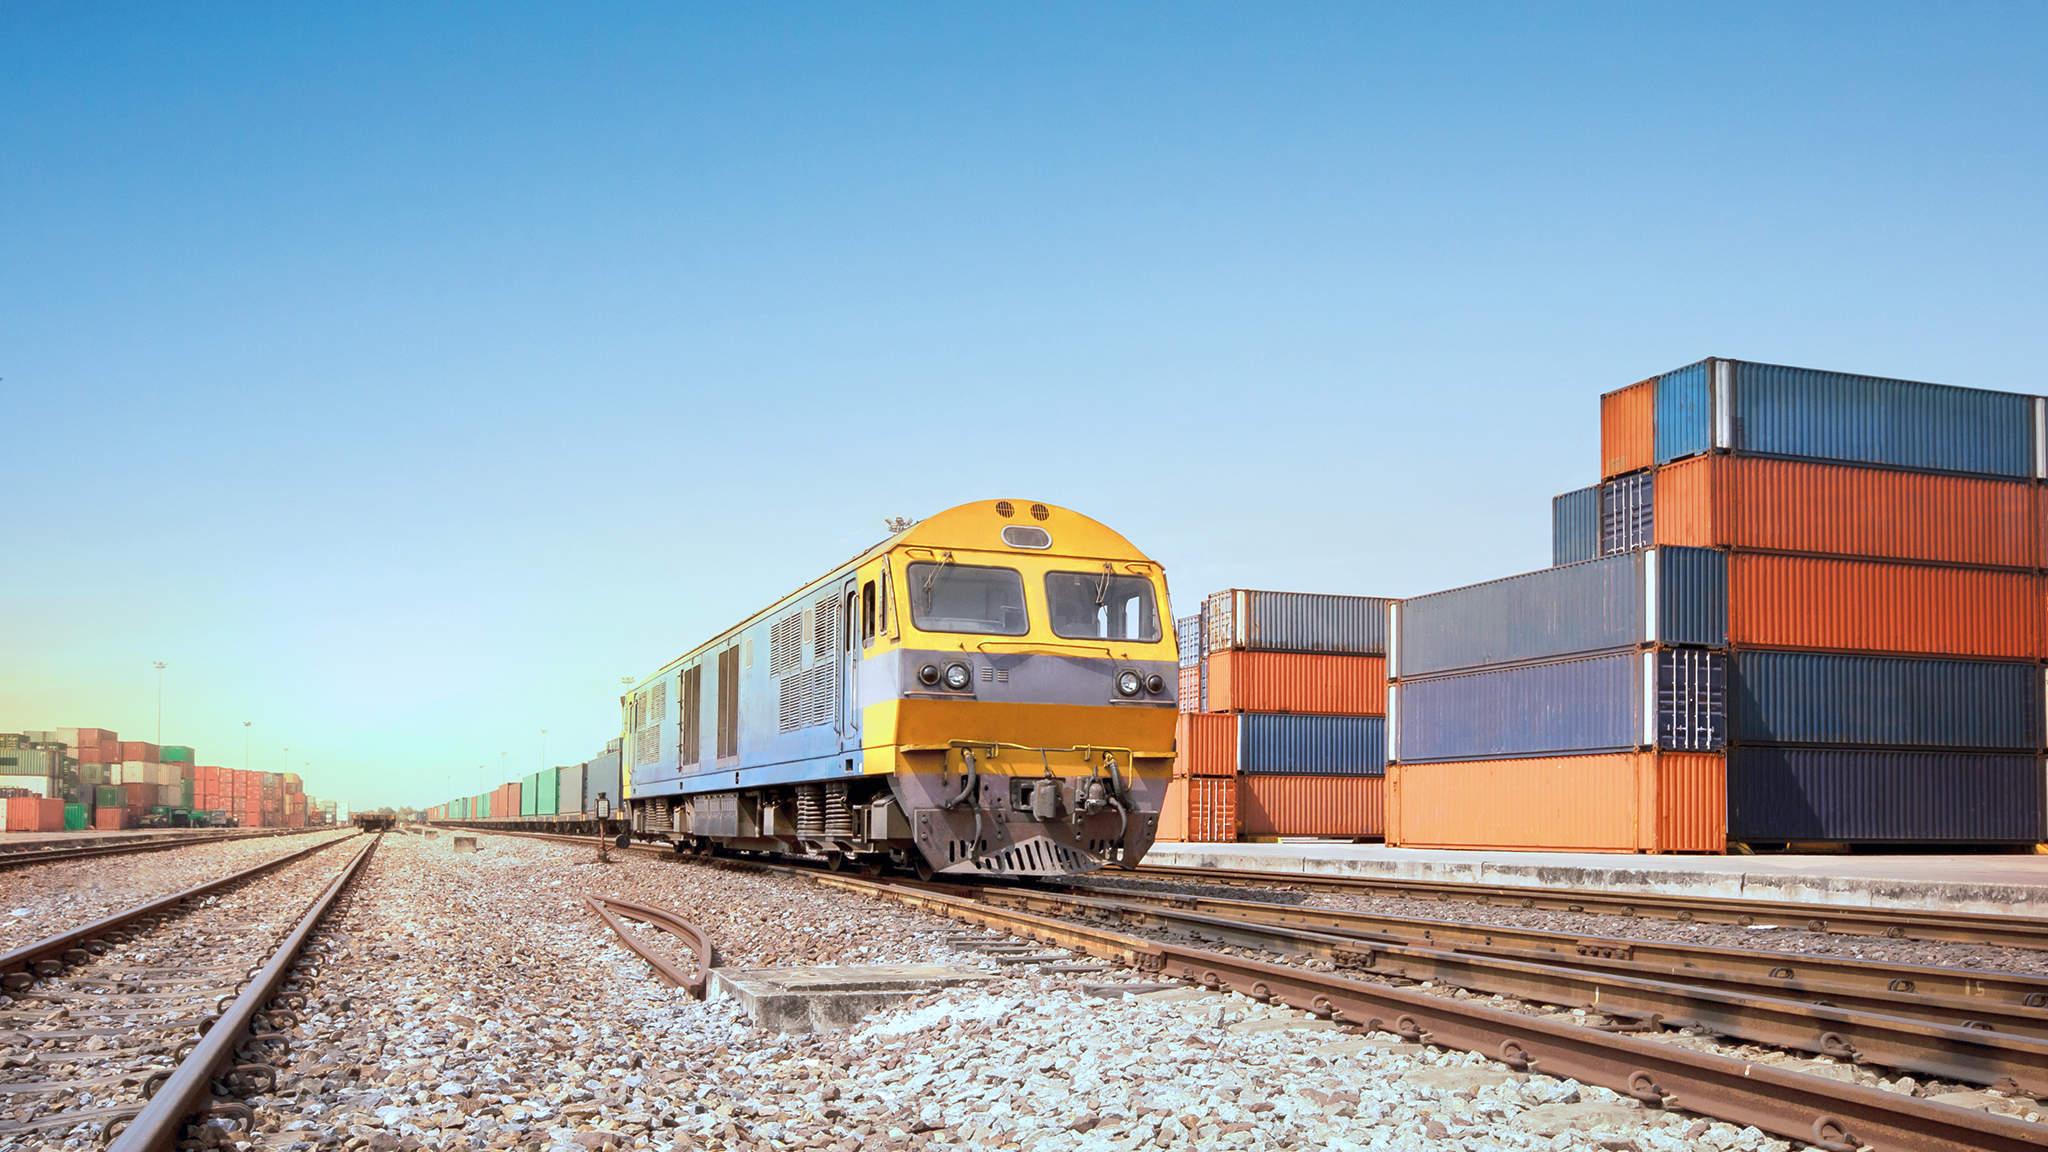 vận chuyển LCL bằng đường sắt từ Hà Nội đến Thành phố Hồ Chí Minh